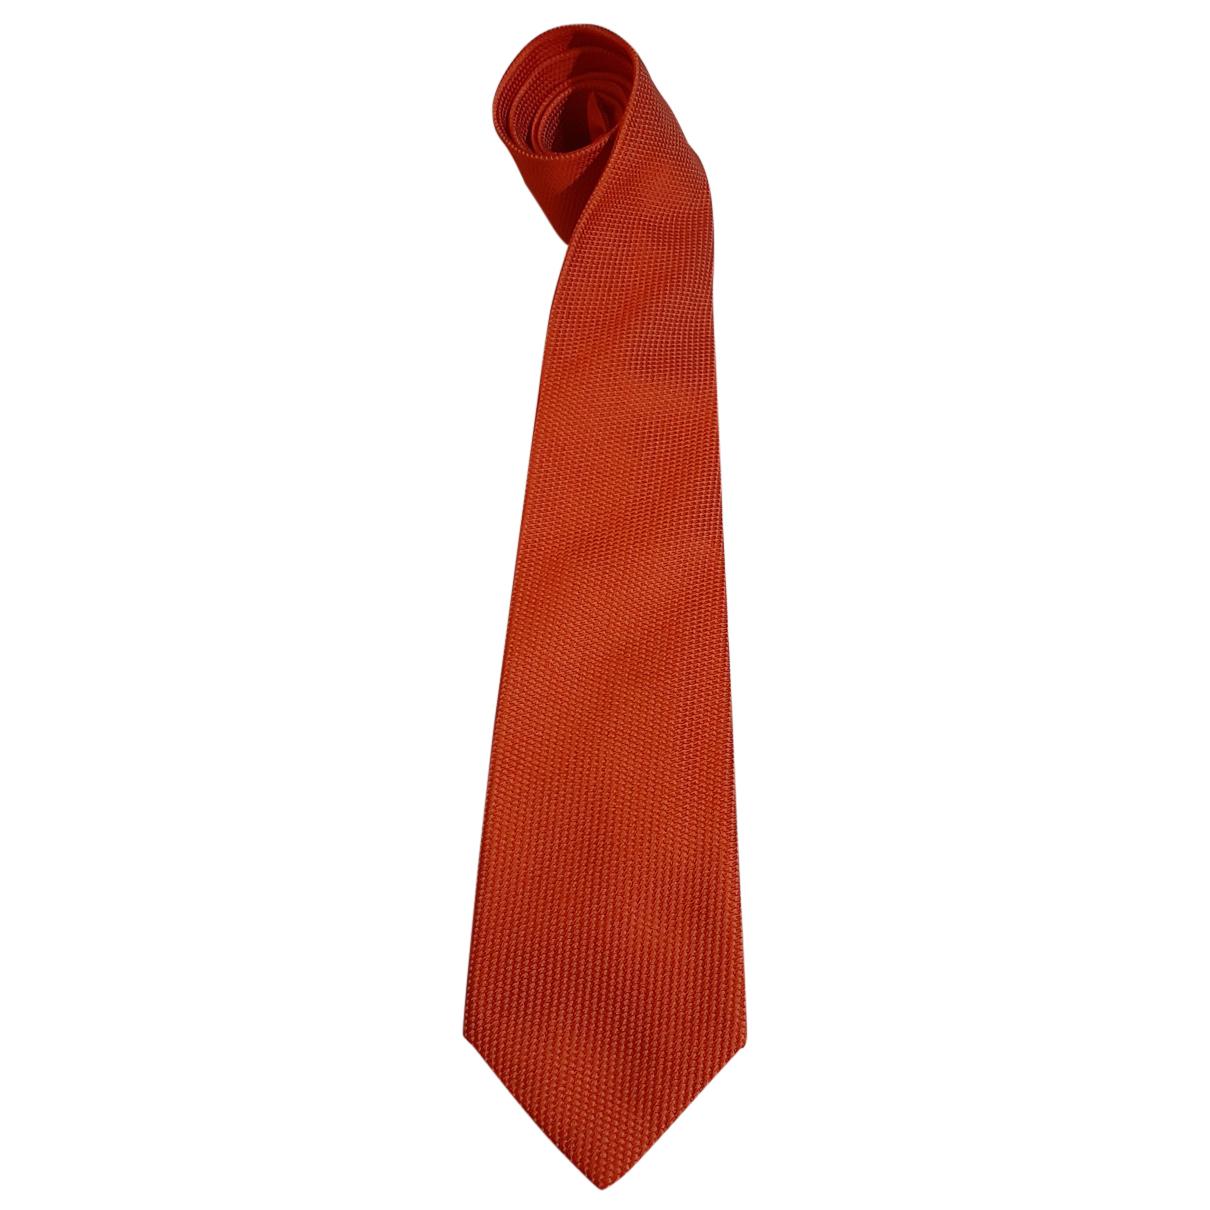 Drakes - Cravates   pour homme en soie - orange